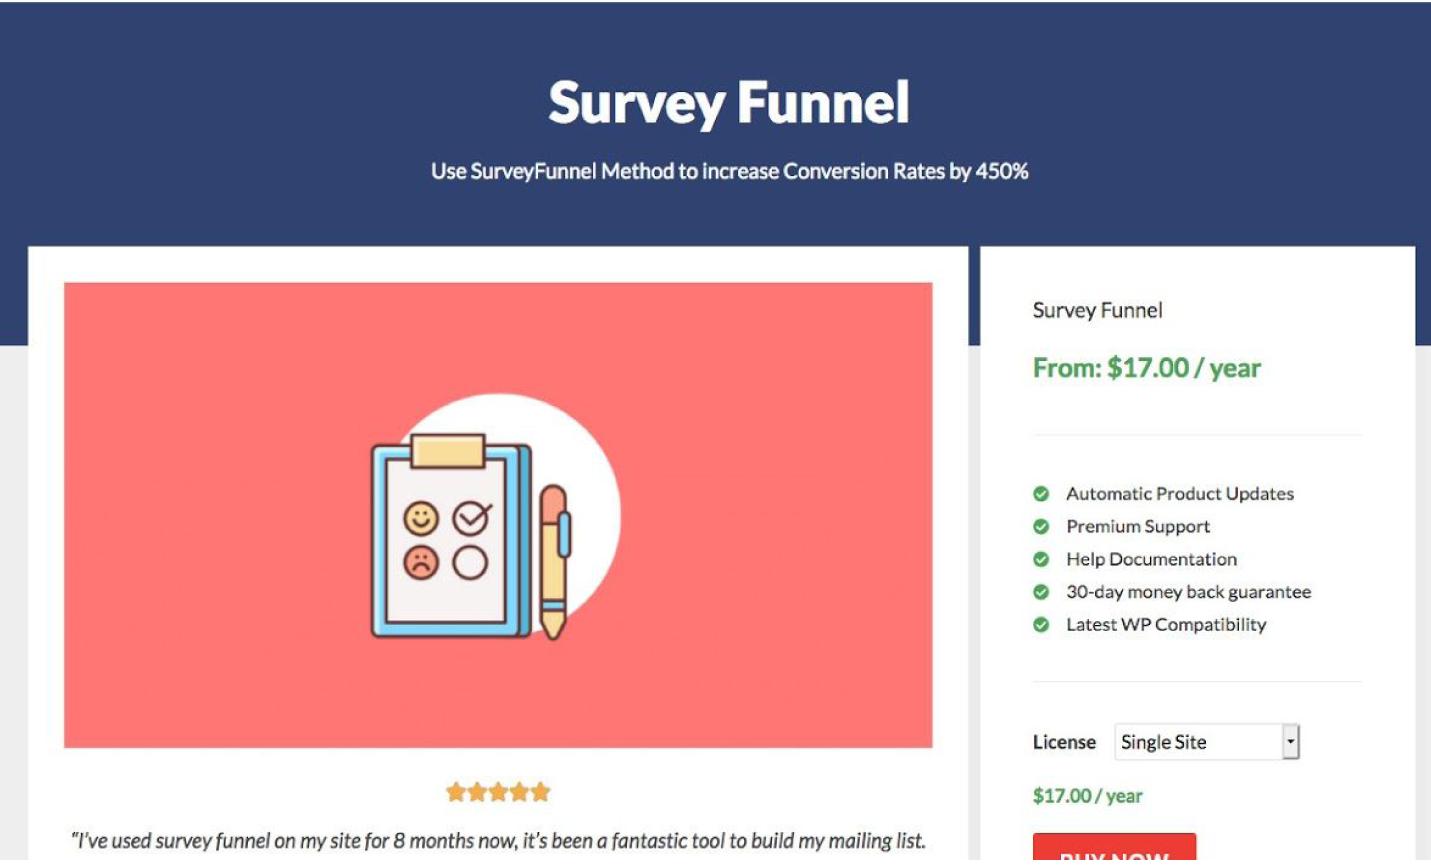 Survey Funnel